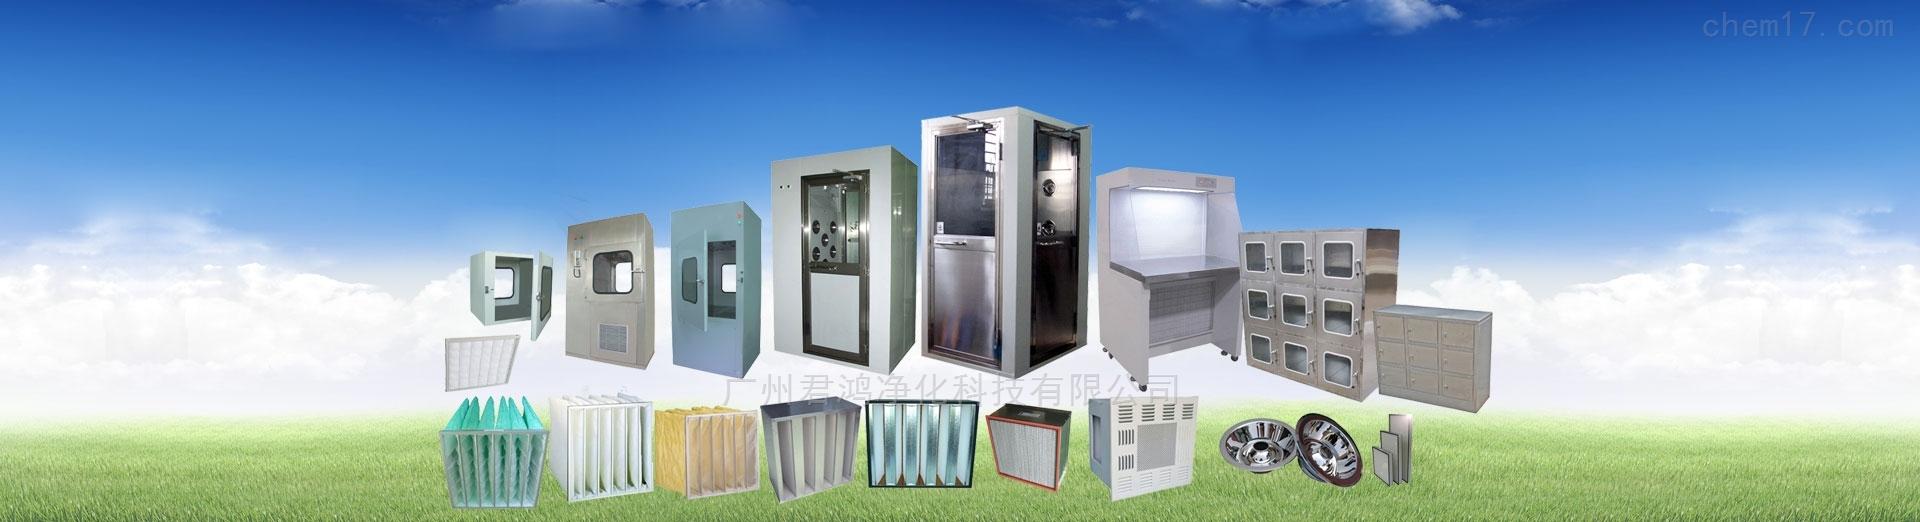 广东广州食品加工厂高温设备耐高过滤器